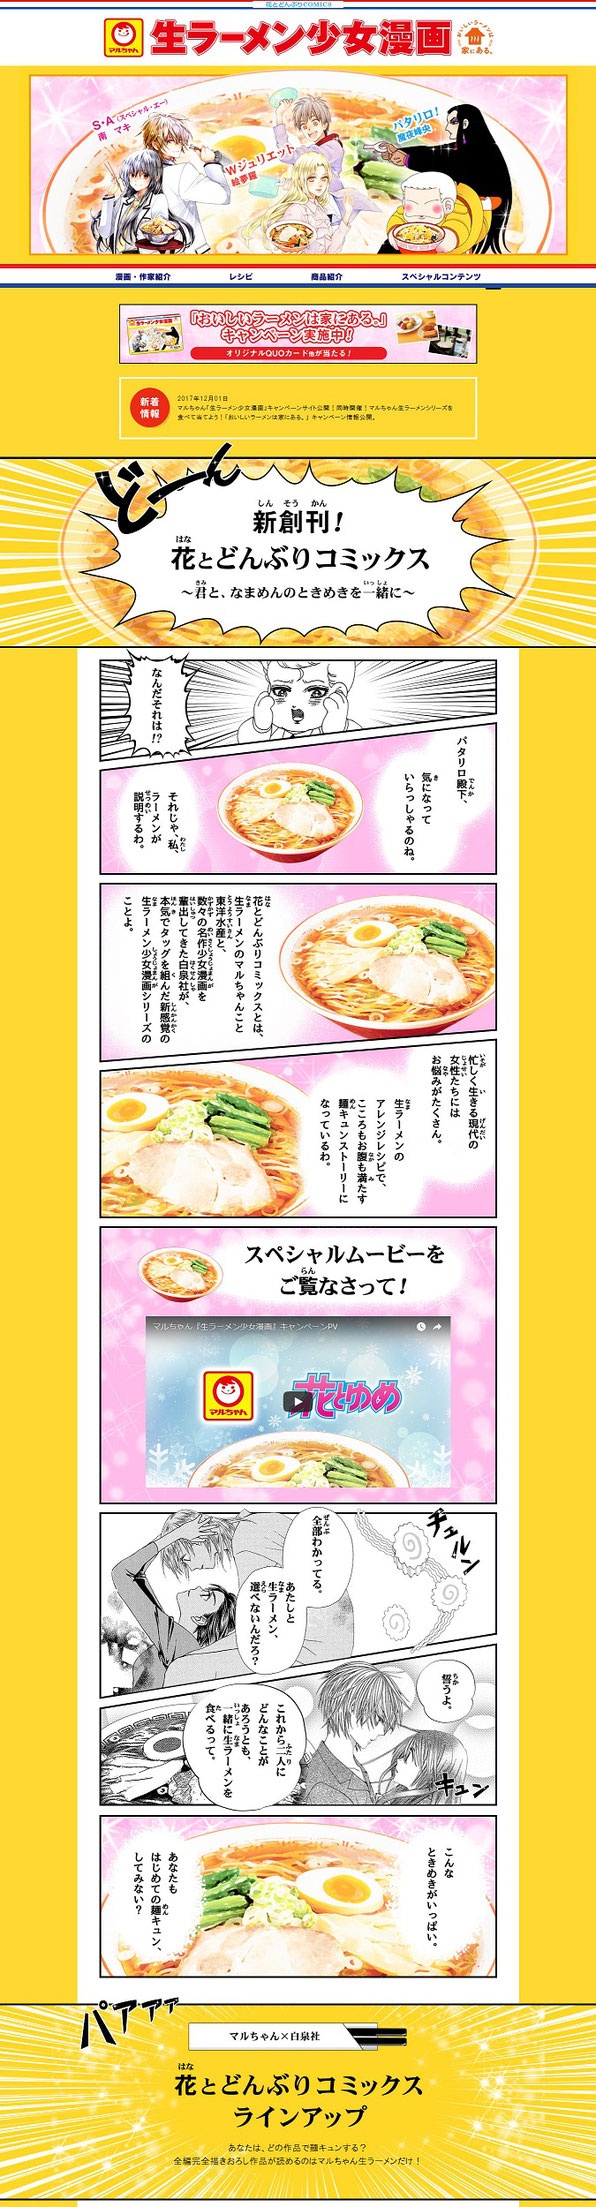 【東洋水産】マルちゃん 花とどんぶりコミックス